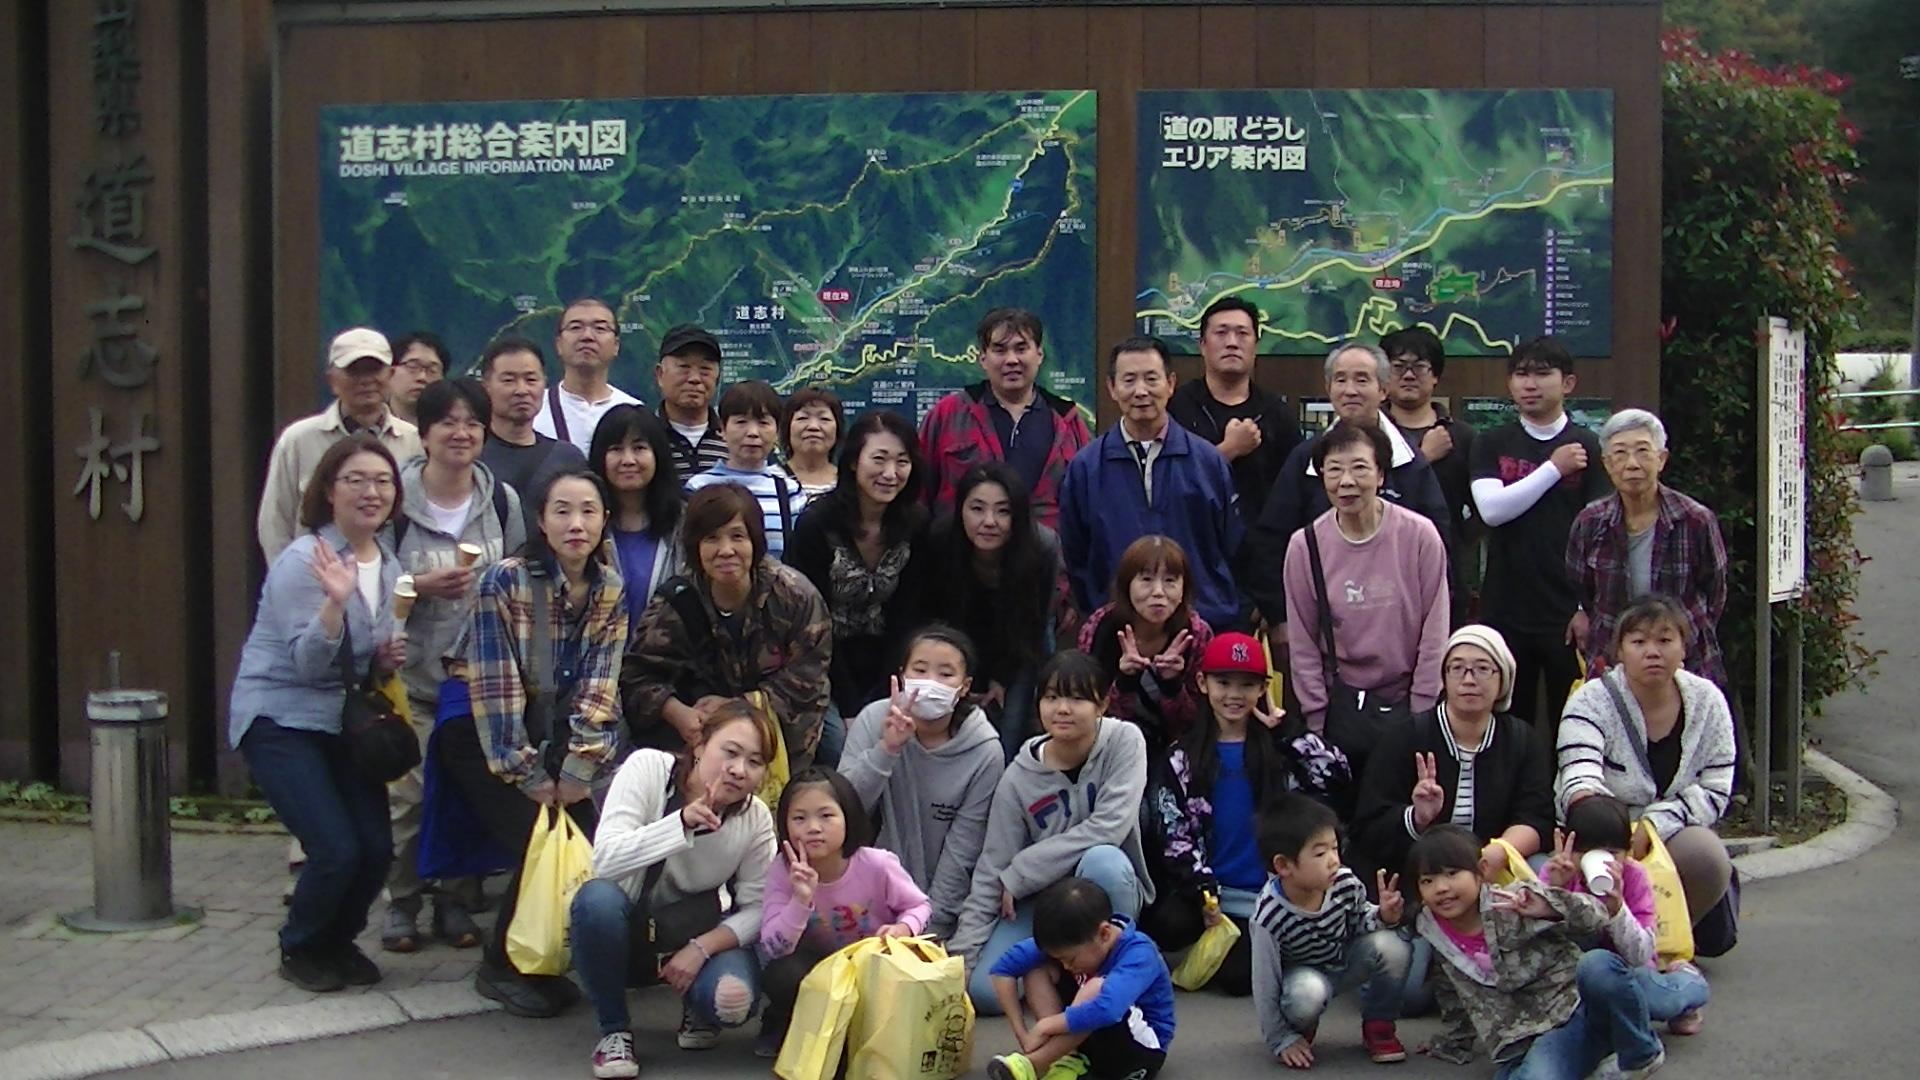 【環境貢献活動】道志村水源林間伐ボランティアに参加しました